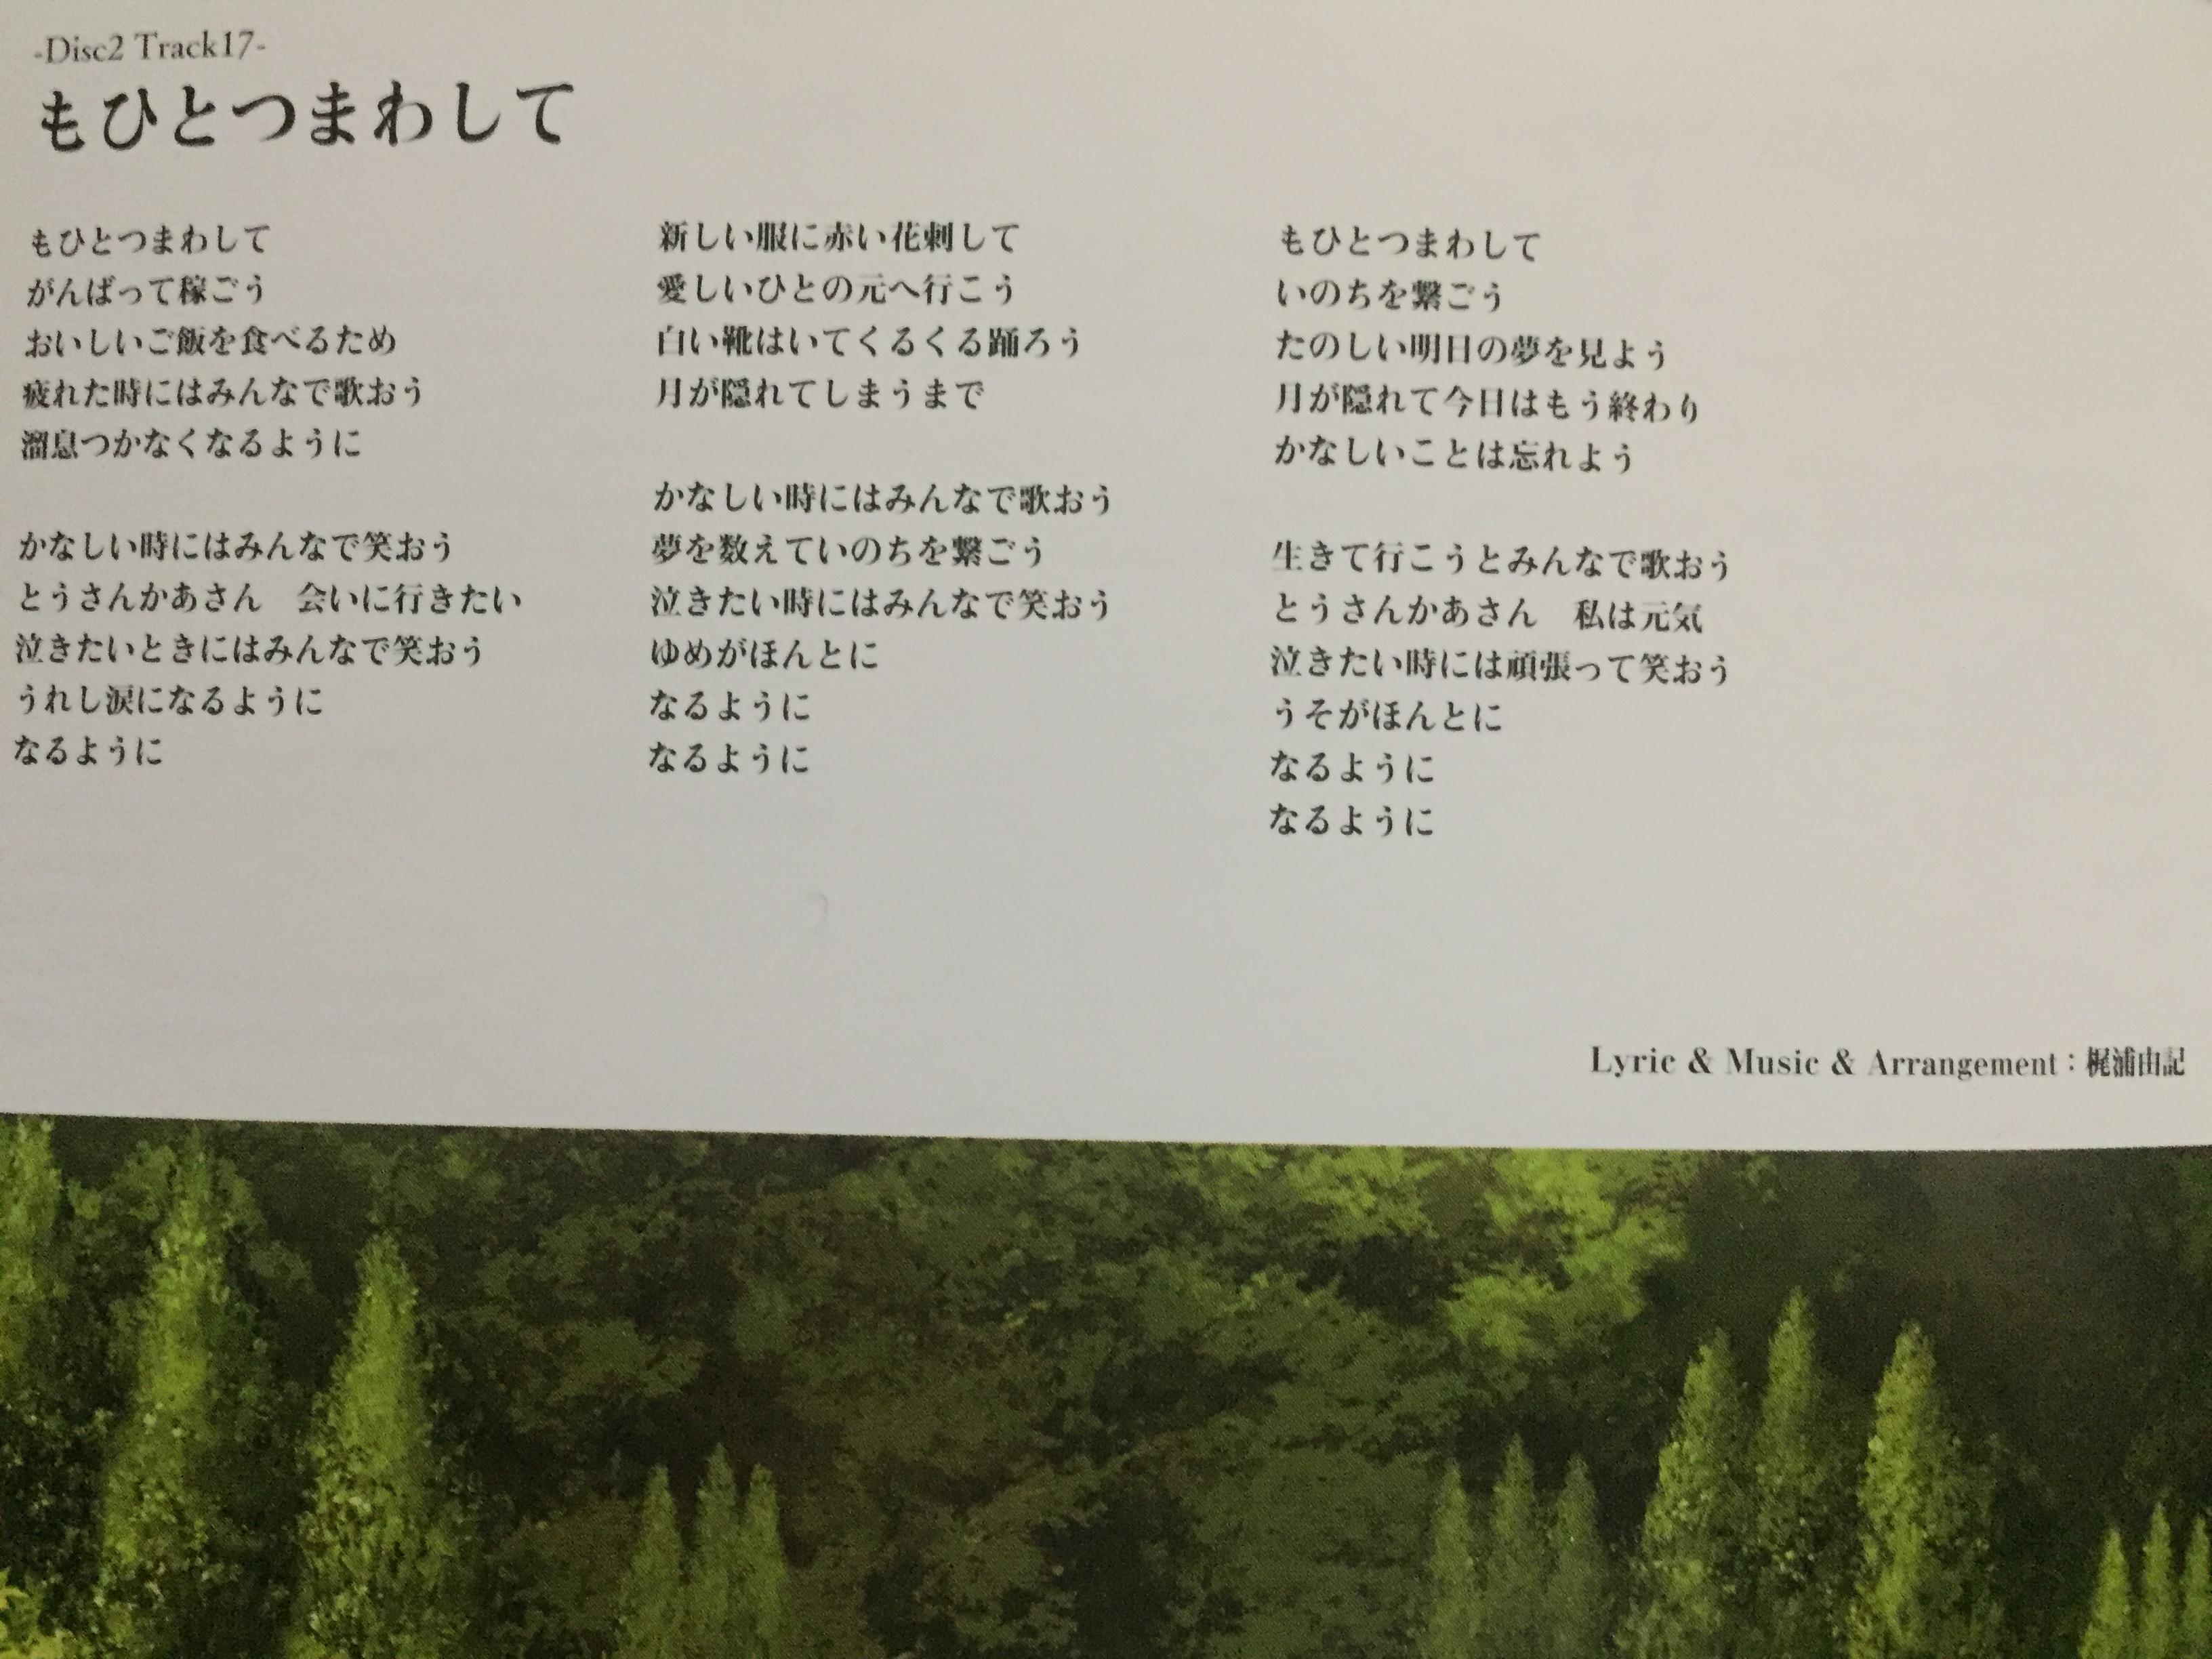 Mohitotsumawashite.jpg